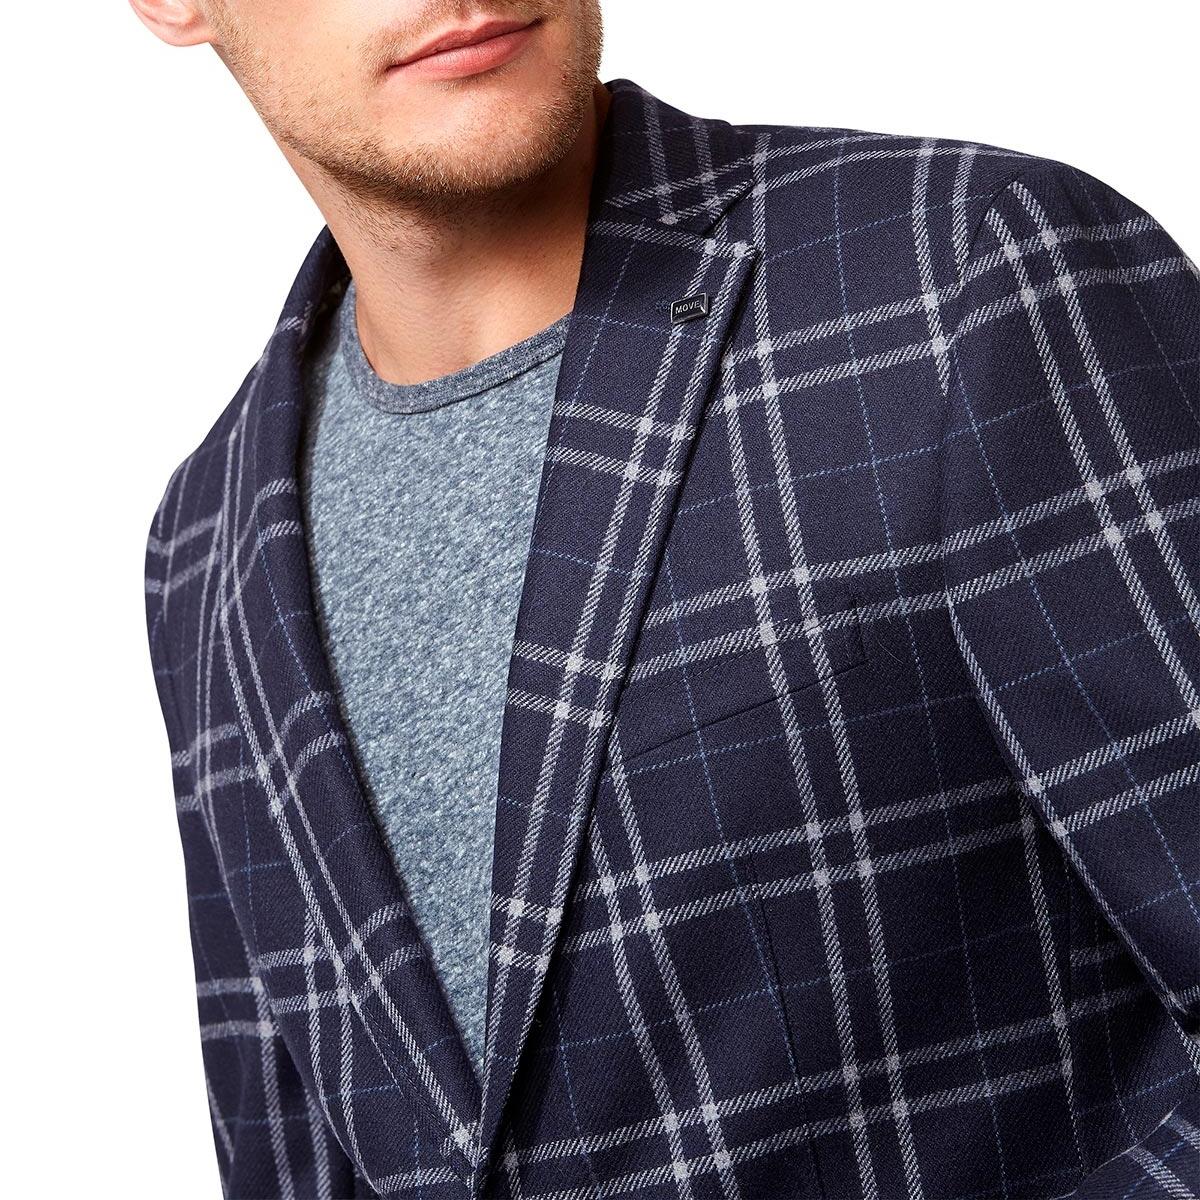 buy online 67f34 fa45e Scopri la nuova giacca moda uomo di Digel collezione autunno ...